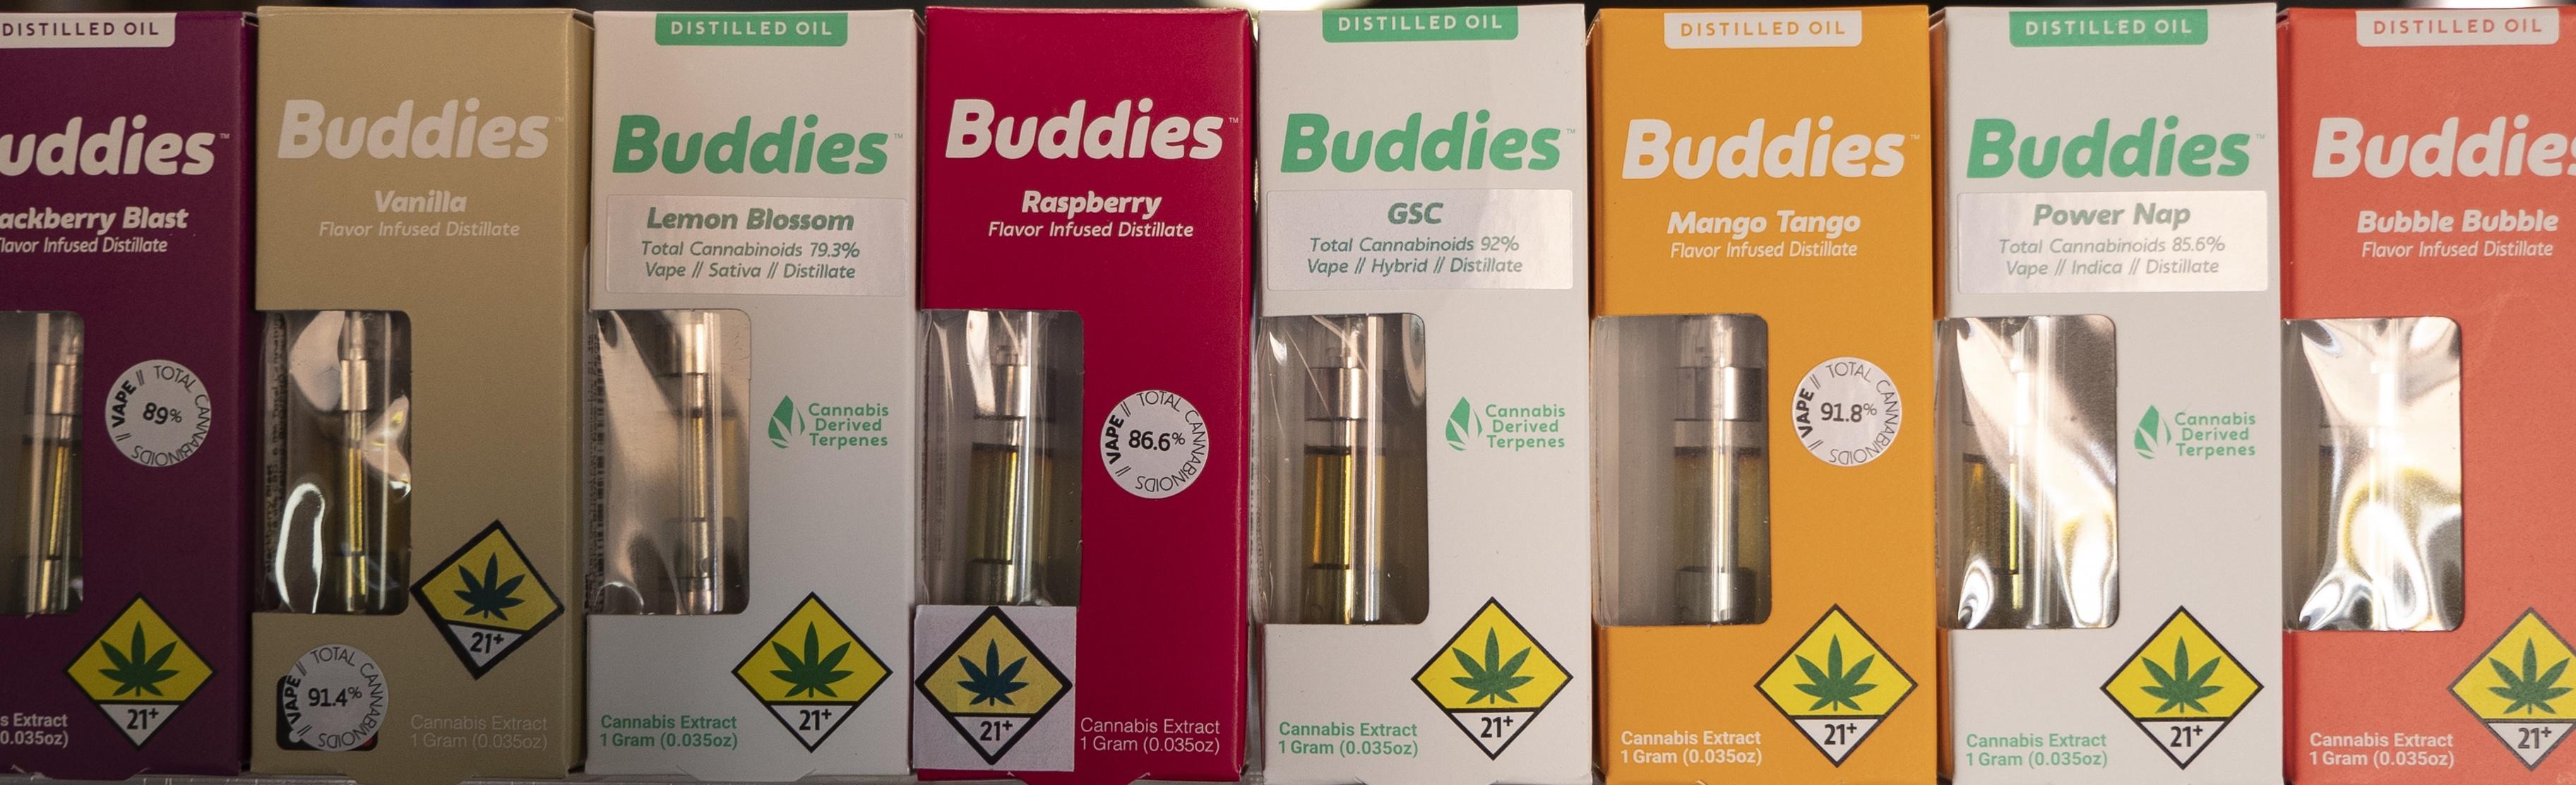 Buddies Spokane Cinder Distillate budtender